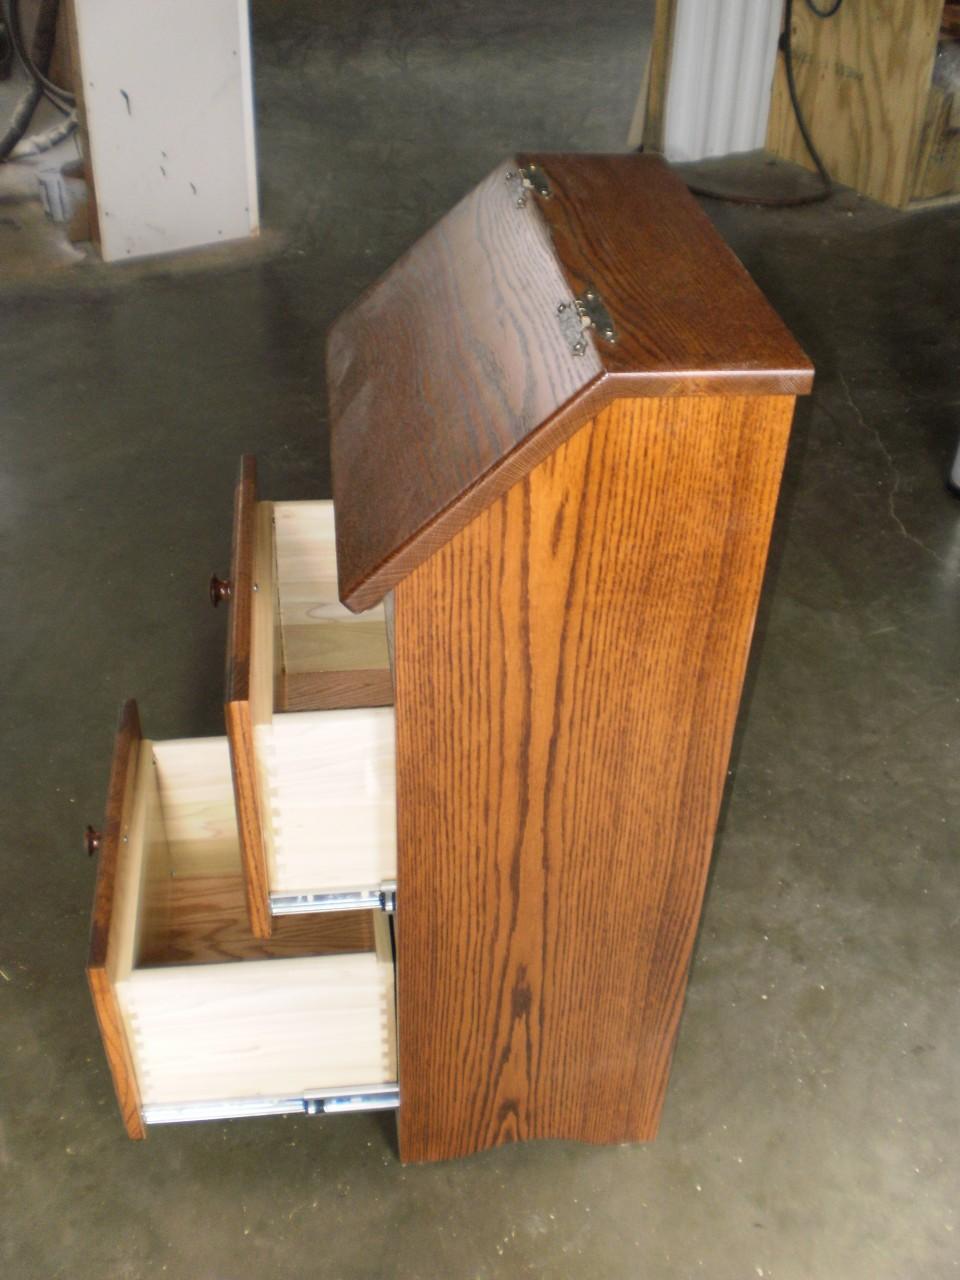 Wooden Vegetable Storage Bin Plans Designs & Potato And Onion Storage Bin Free Plans - Storage Designs